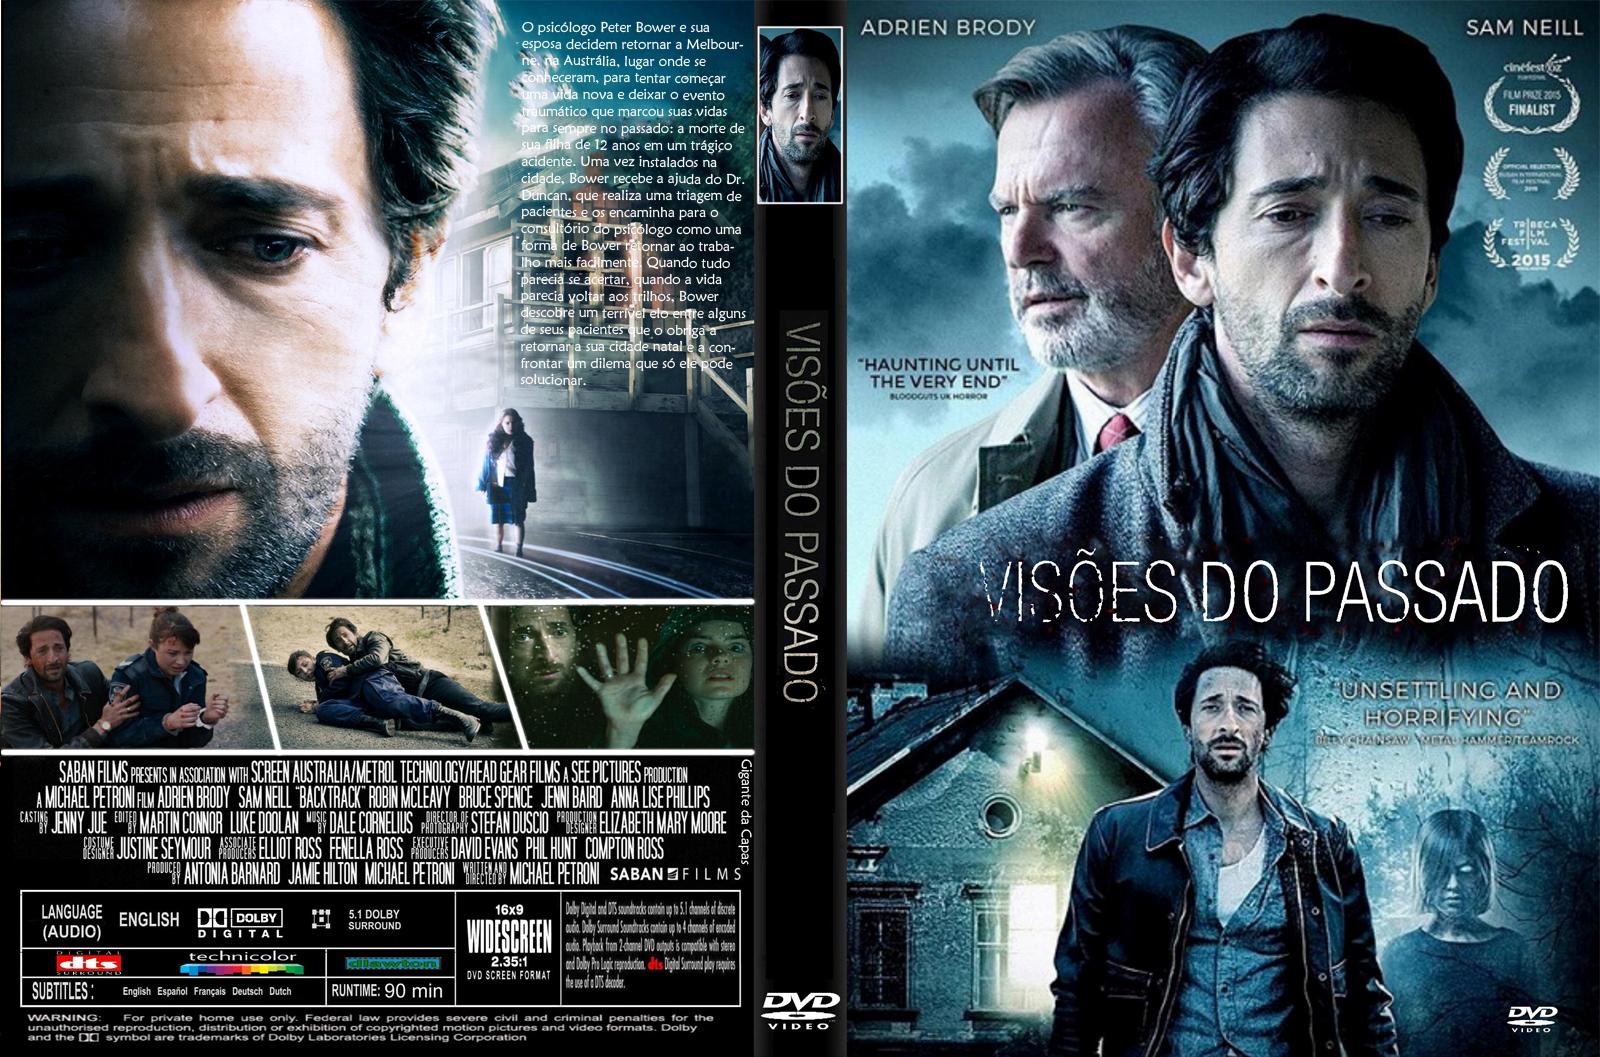 Download Visões do Passado DVDRip XviD Dual Áudio Vis C3 B5es Do Passado   Capa Filme DVD